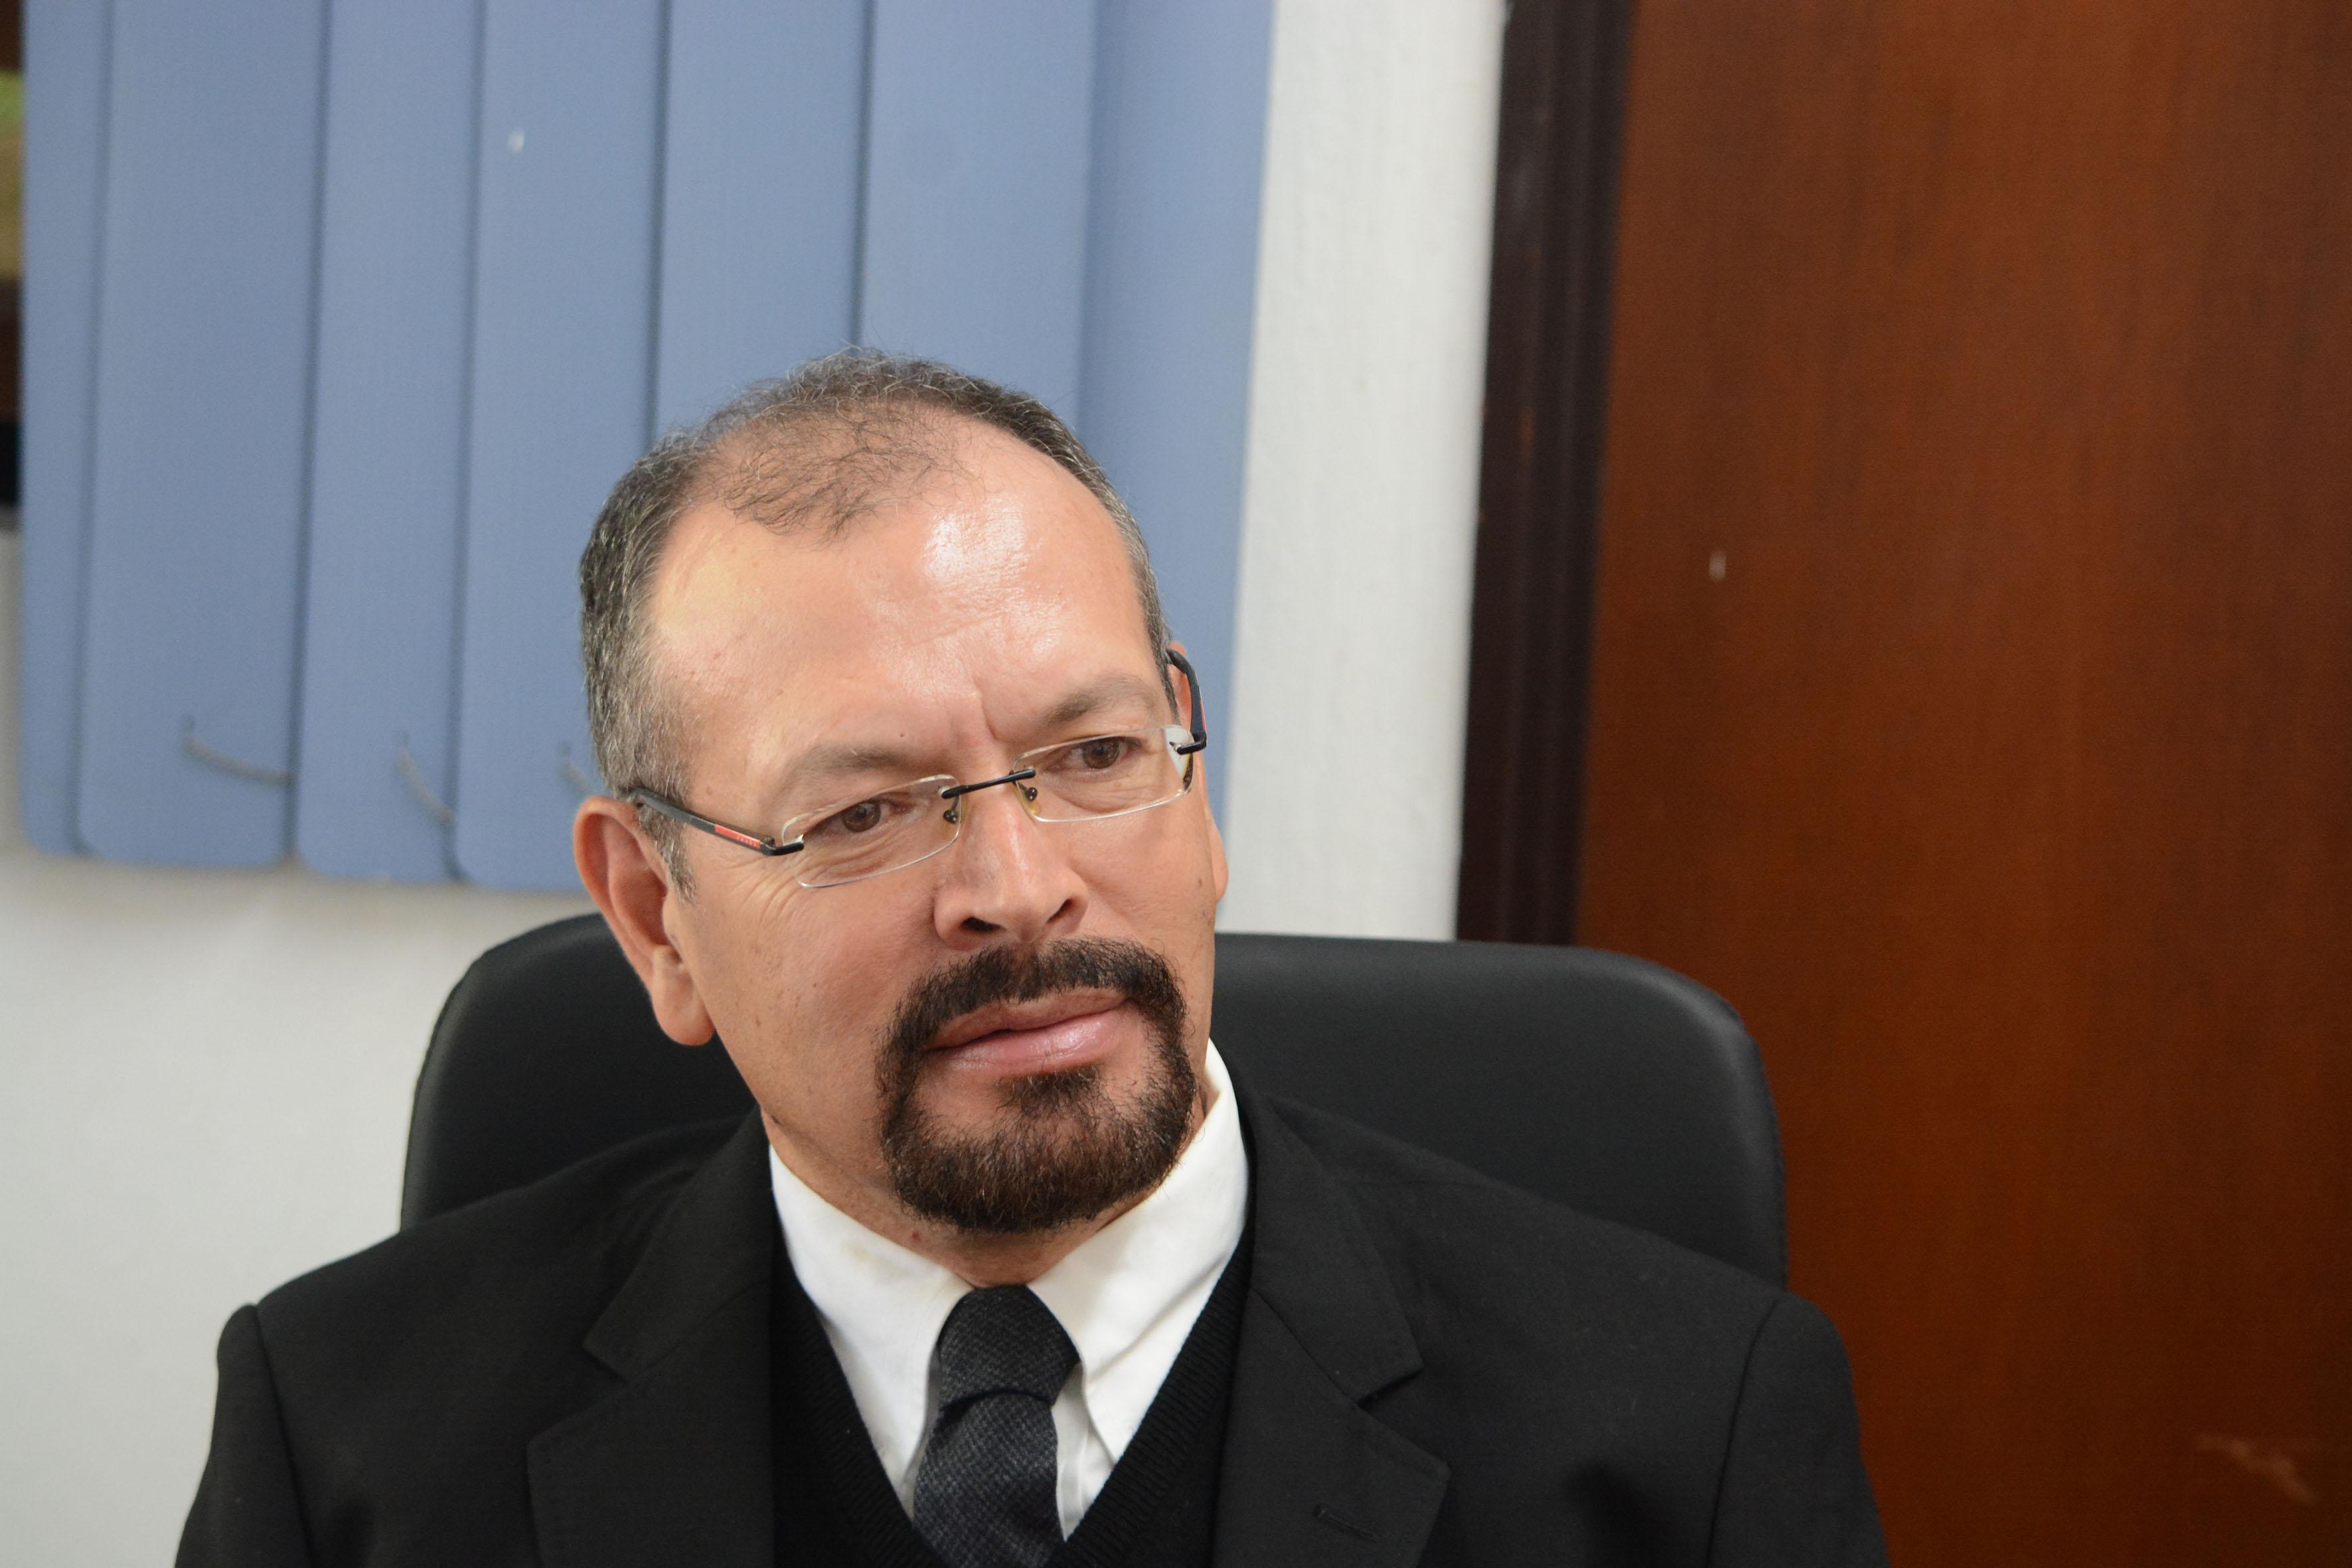 Director de la División de Estudios Históricos y Humanos del Centro Universitario de Ciencias Sociales y Humanidades (CUCSH) doctor David Carvajal López